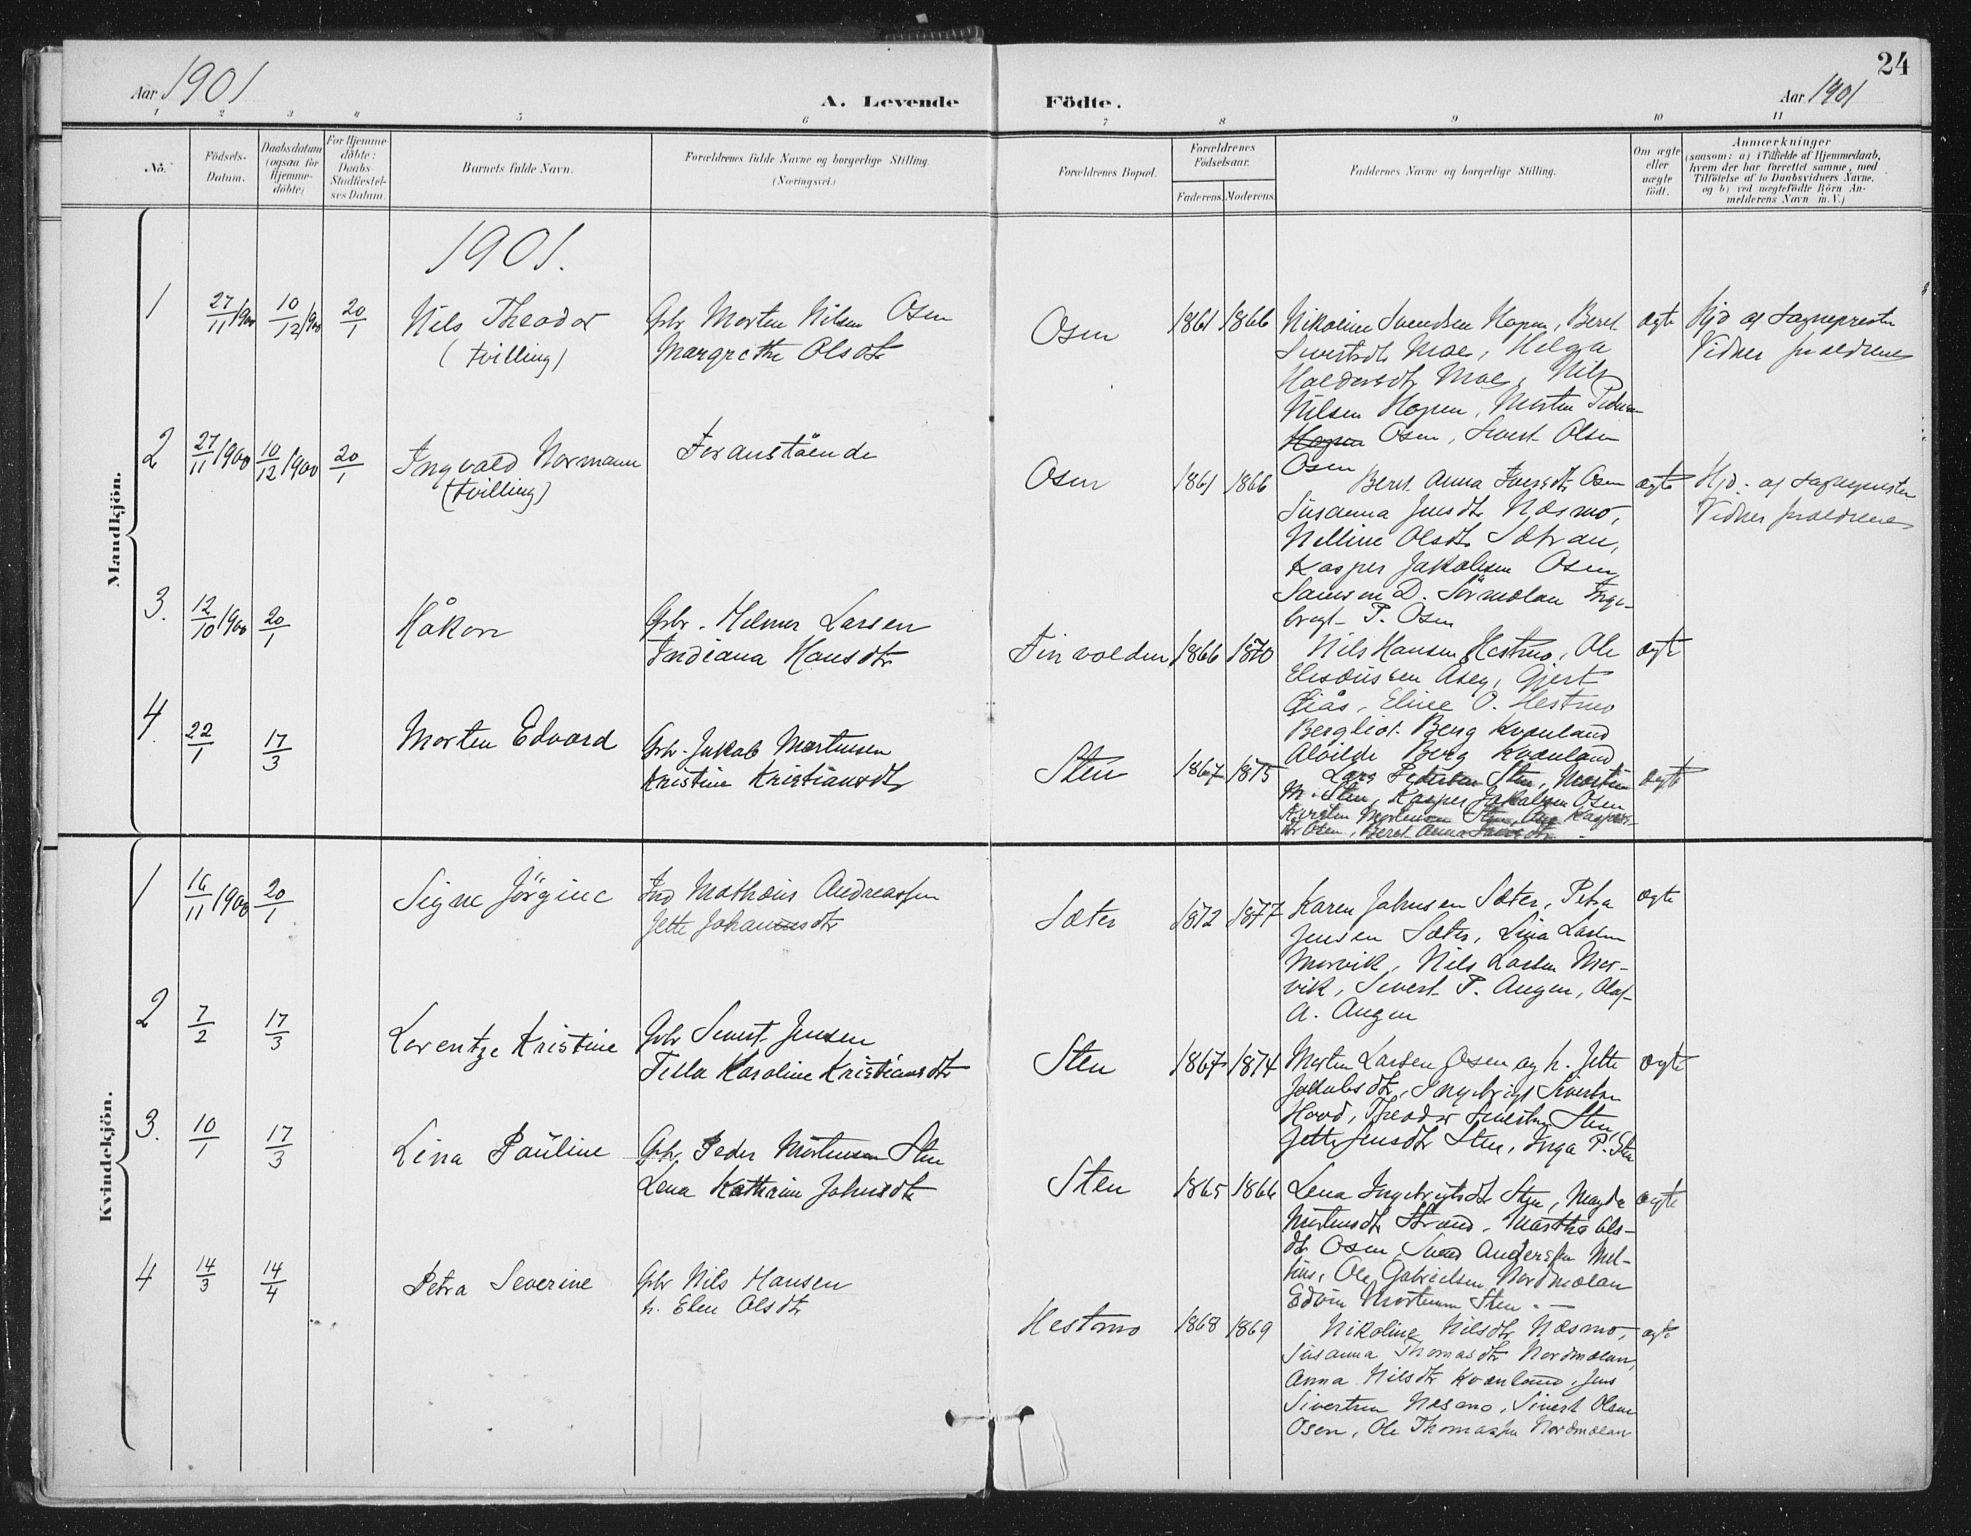 SAT, Ministerialprotokoller, klokkerbøker og fødselsregistre - Sør-Trøndelag, 658/L0723: Ministerialbok nr. 658A02, 1897-1912, s. 24